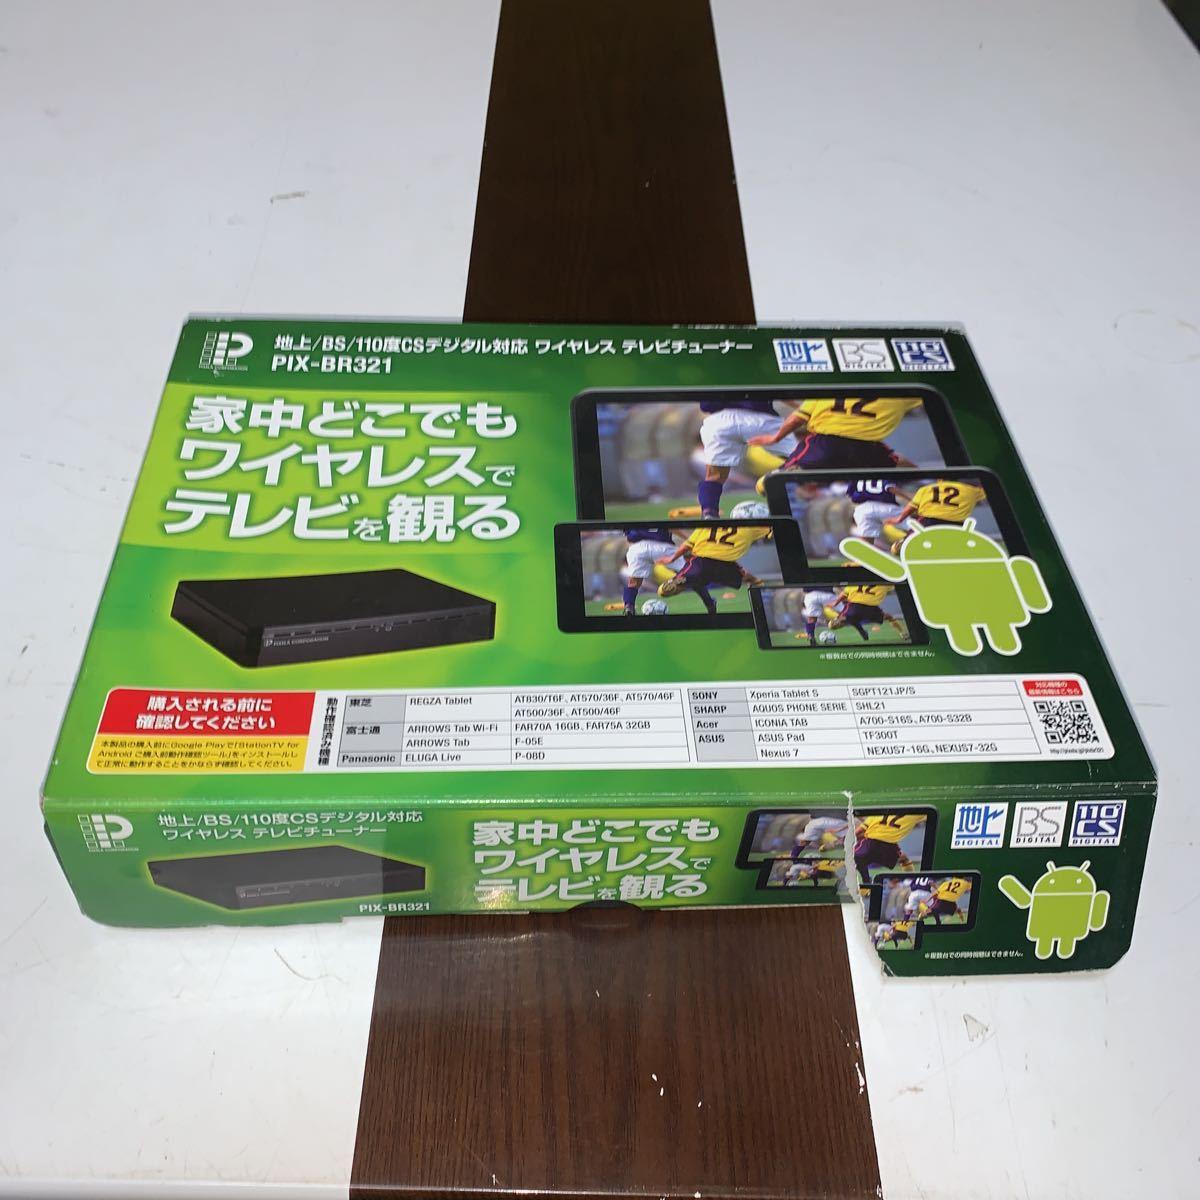 【未使用品】地上/BS/110度CSデジタル対応 ワイヤレステレビチューナー PIX-BR321_画像2